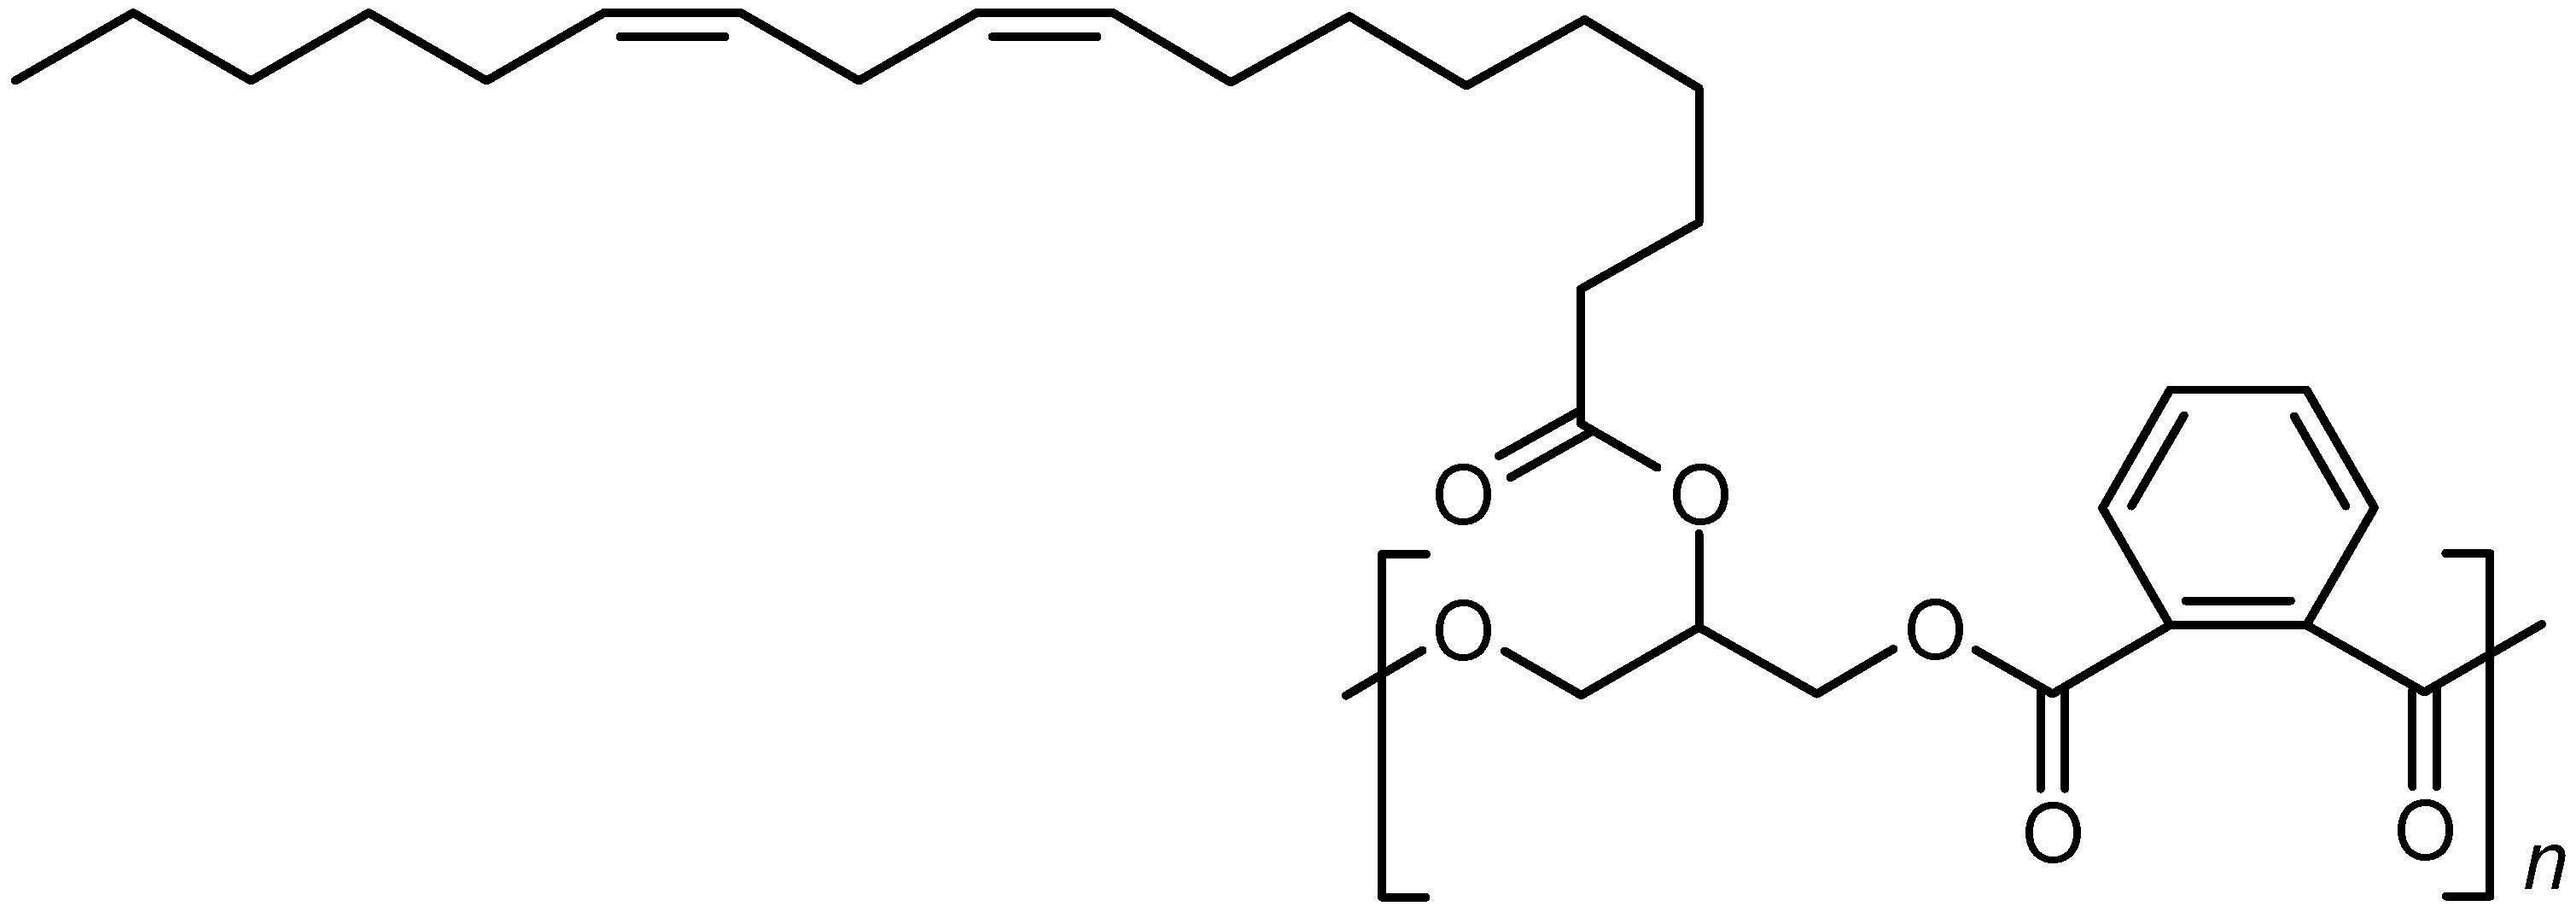 Inorganics   Free Full-Text   Manganese and Iron Catalysts